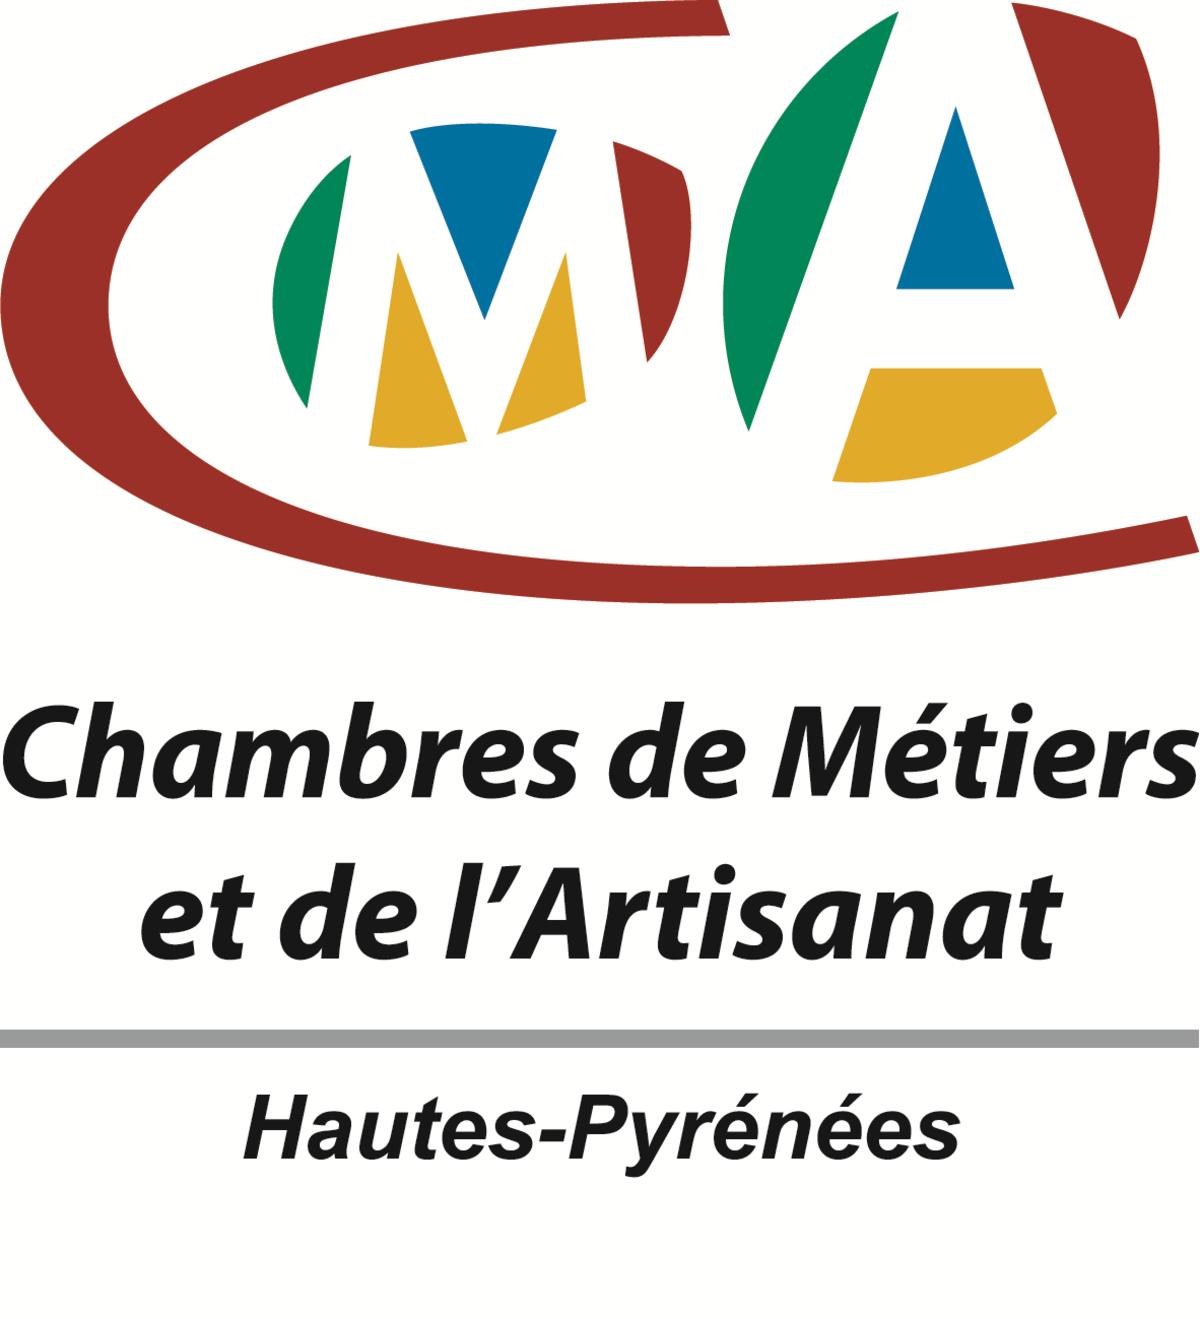 Logo CMA65